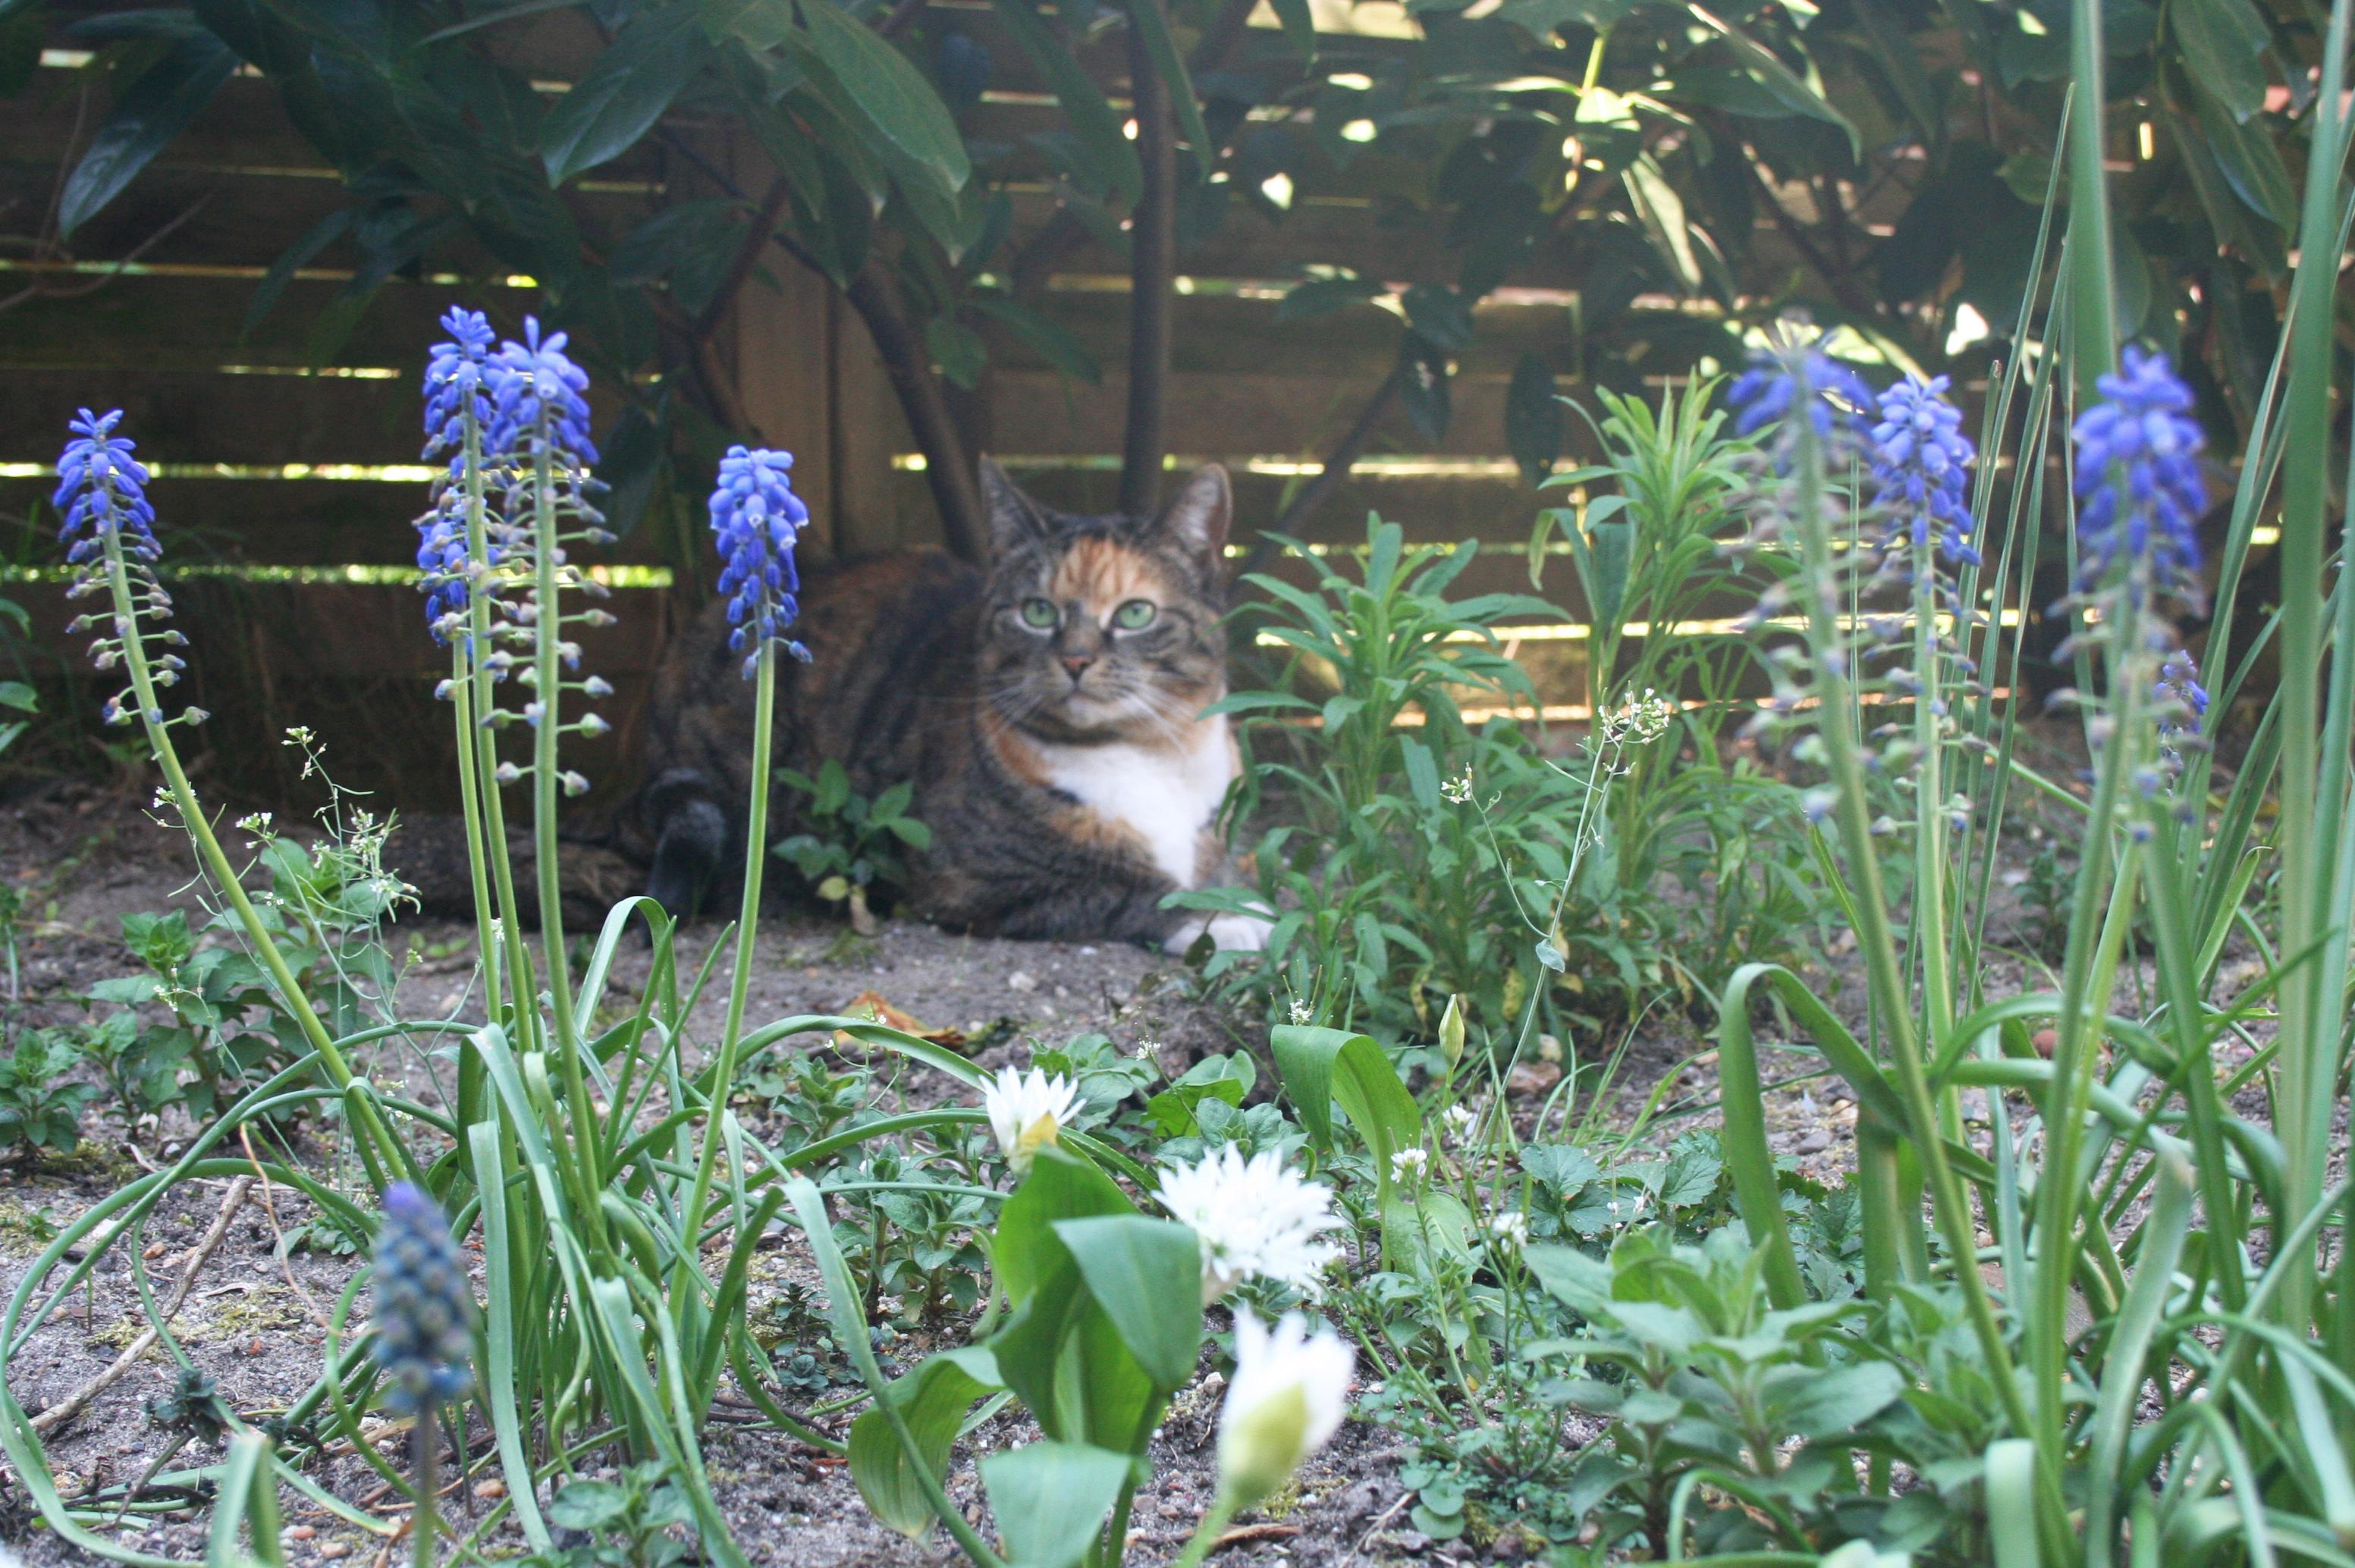 Japie in de tuin